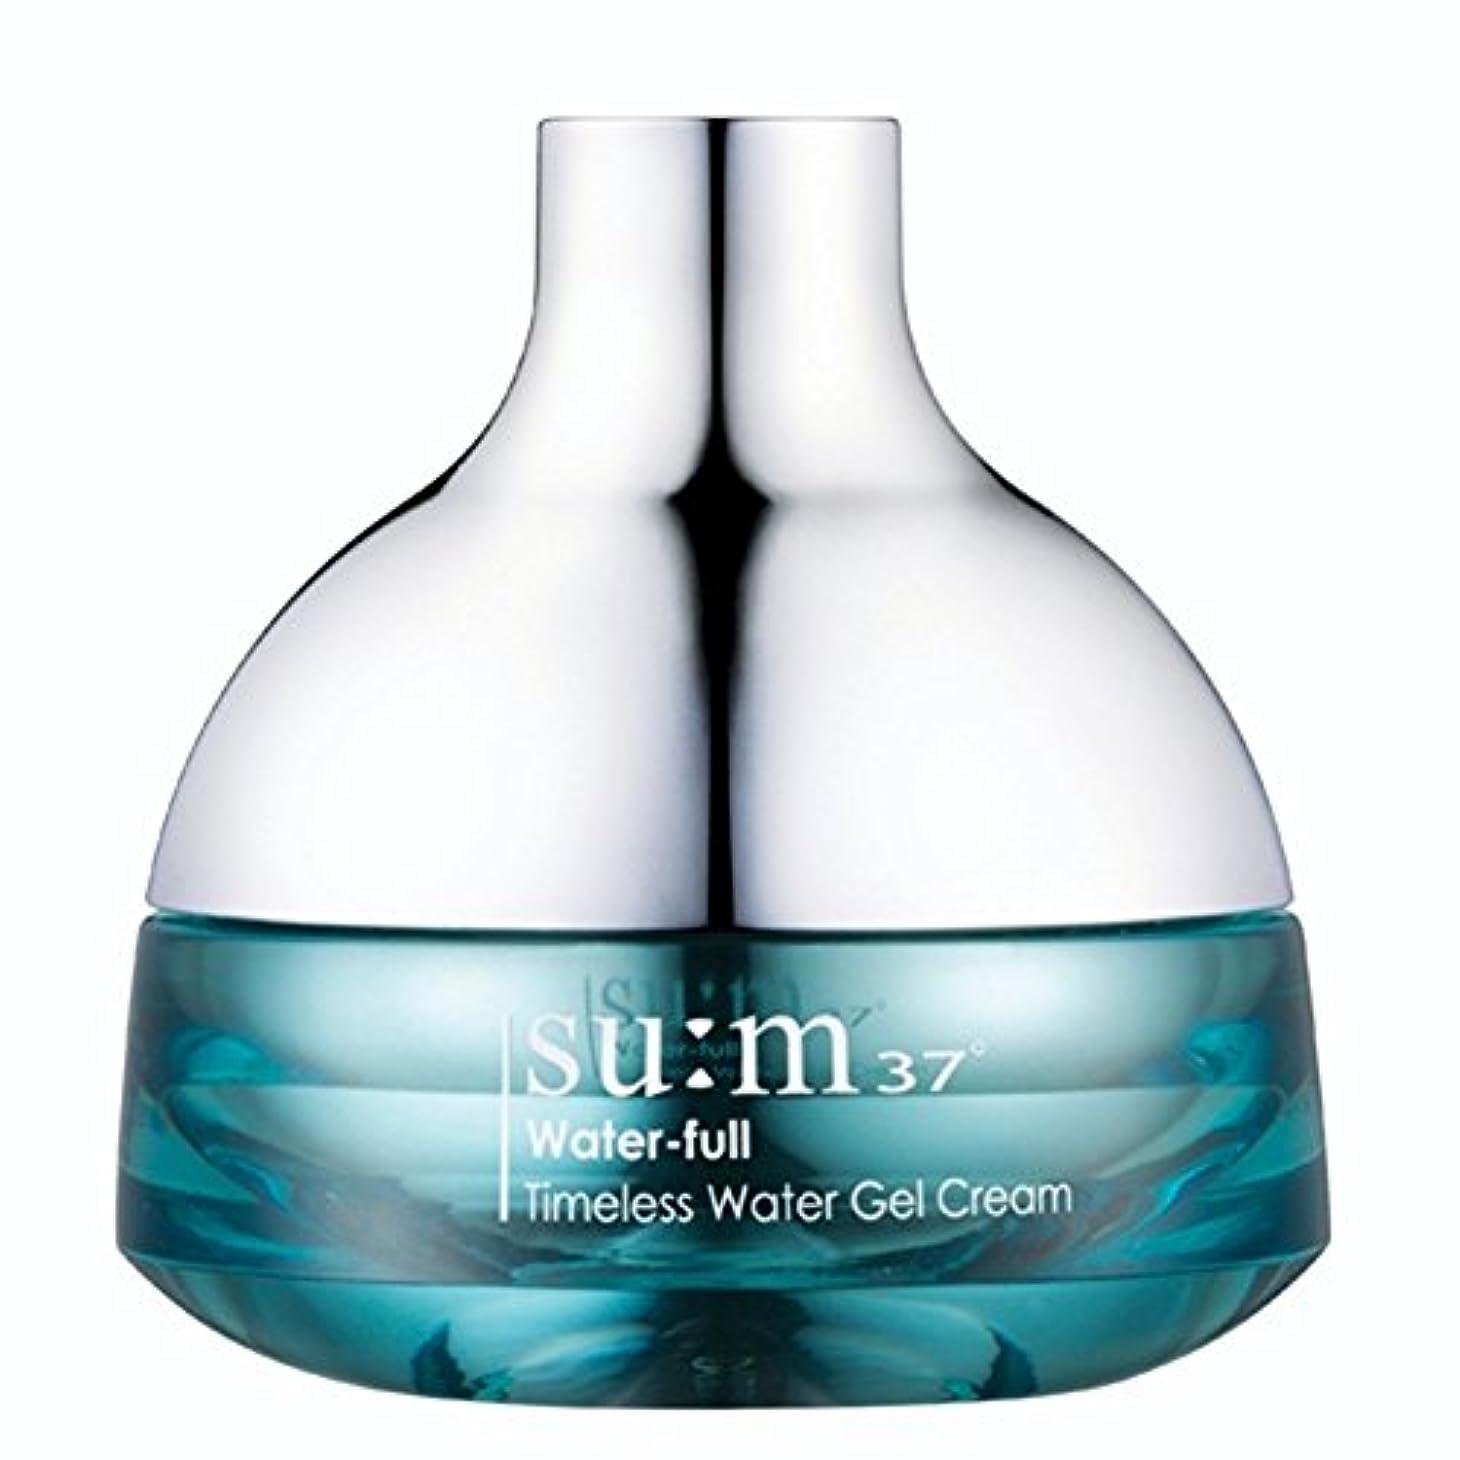 通知遵守するぼろsu:m37/スム37° スム37 ウォーターフルタイムレスウォータージェルクリーム50ml (sum 37ºWater-full Timeless Water Gel Cream 50ml + Special Gift...